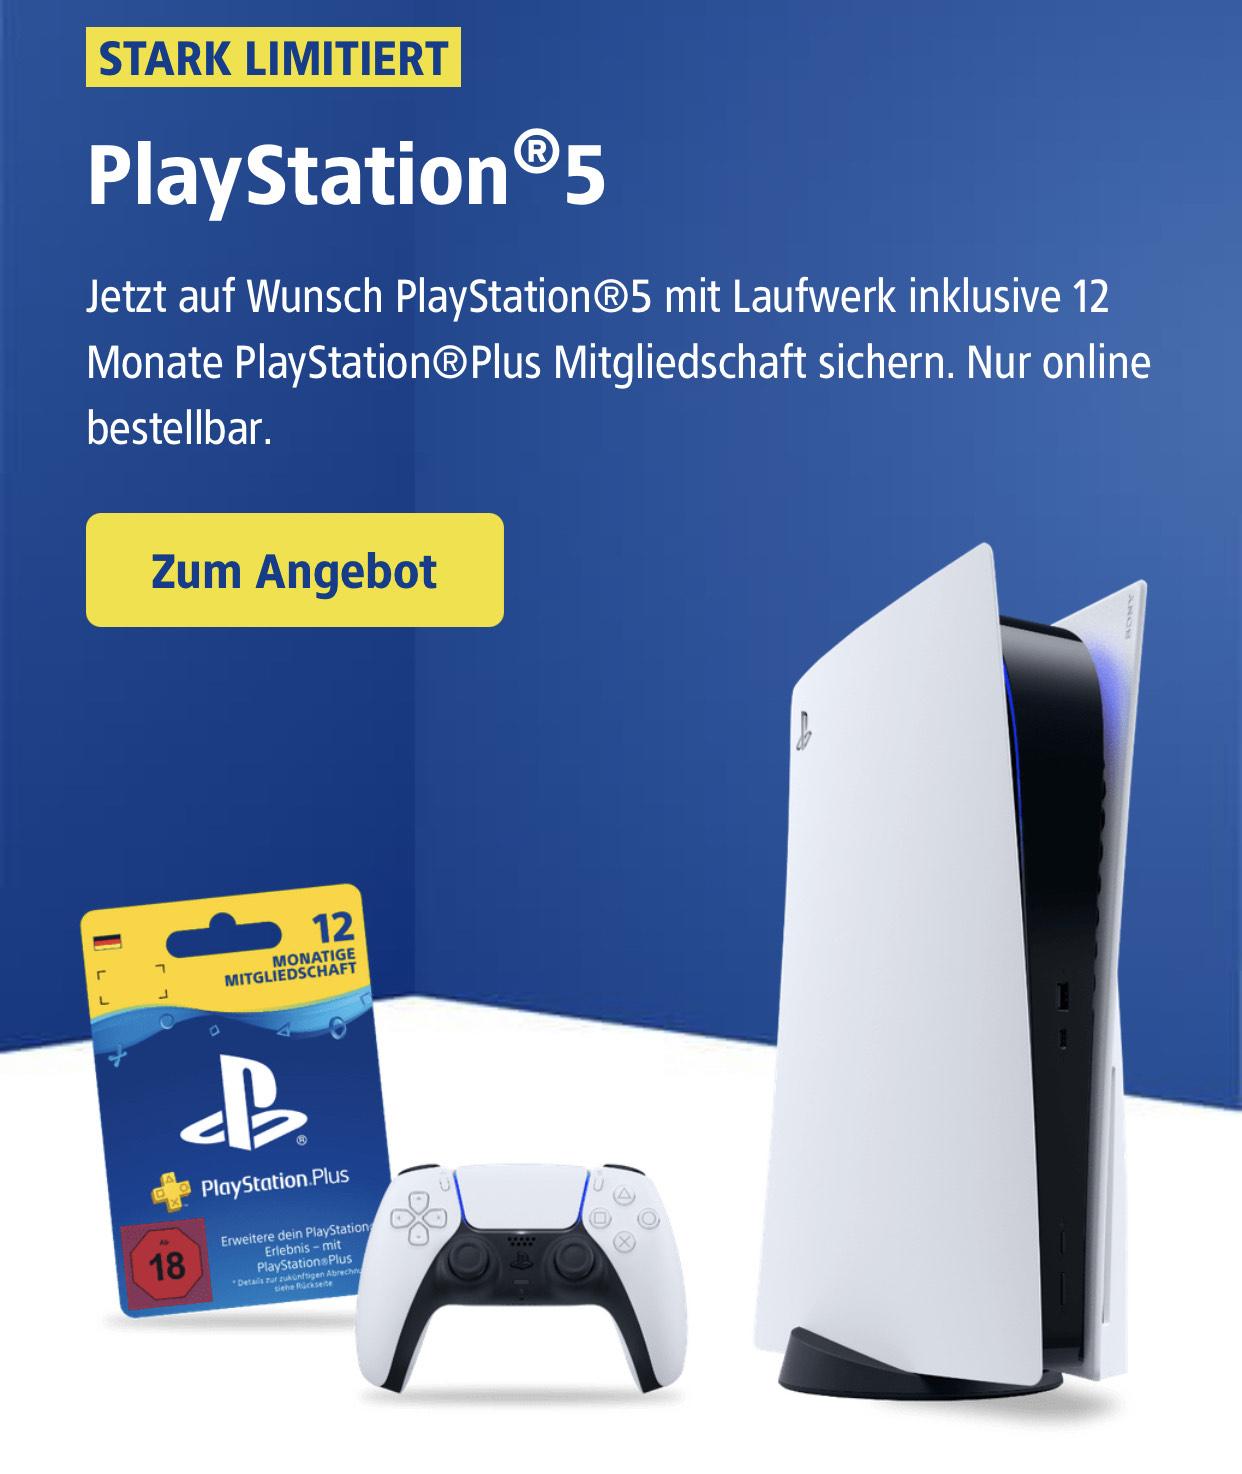 PS5 + 12 Monate PS Plus Mitgliedschaft + DSL 100